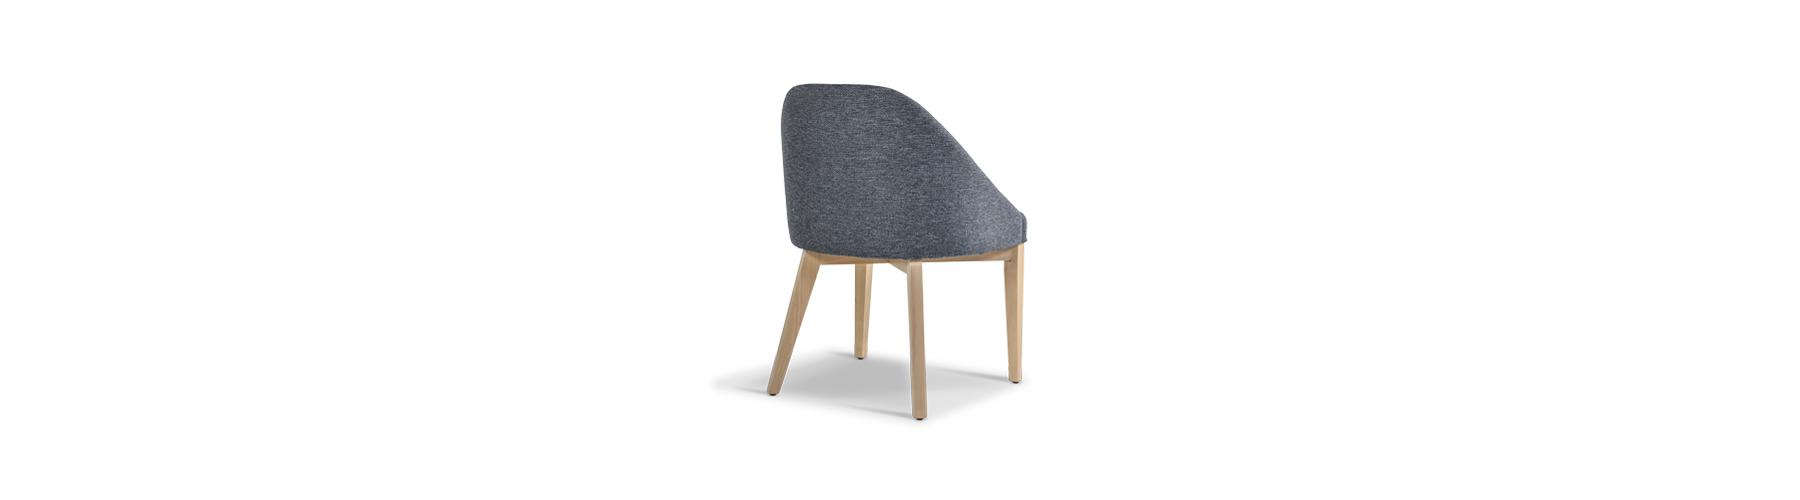 Eva - dos - Chaise - William